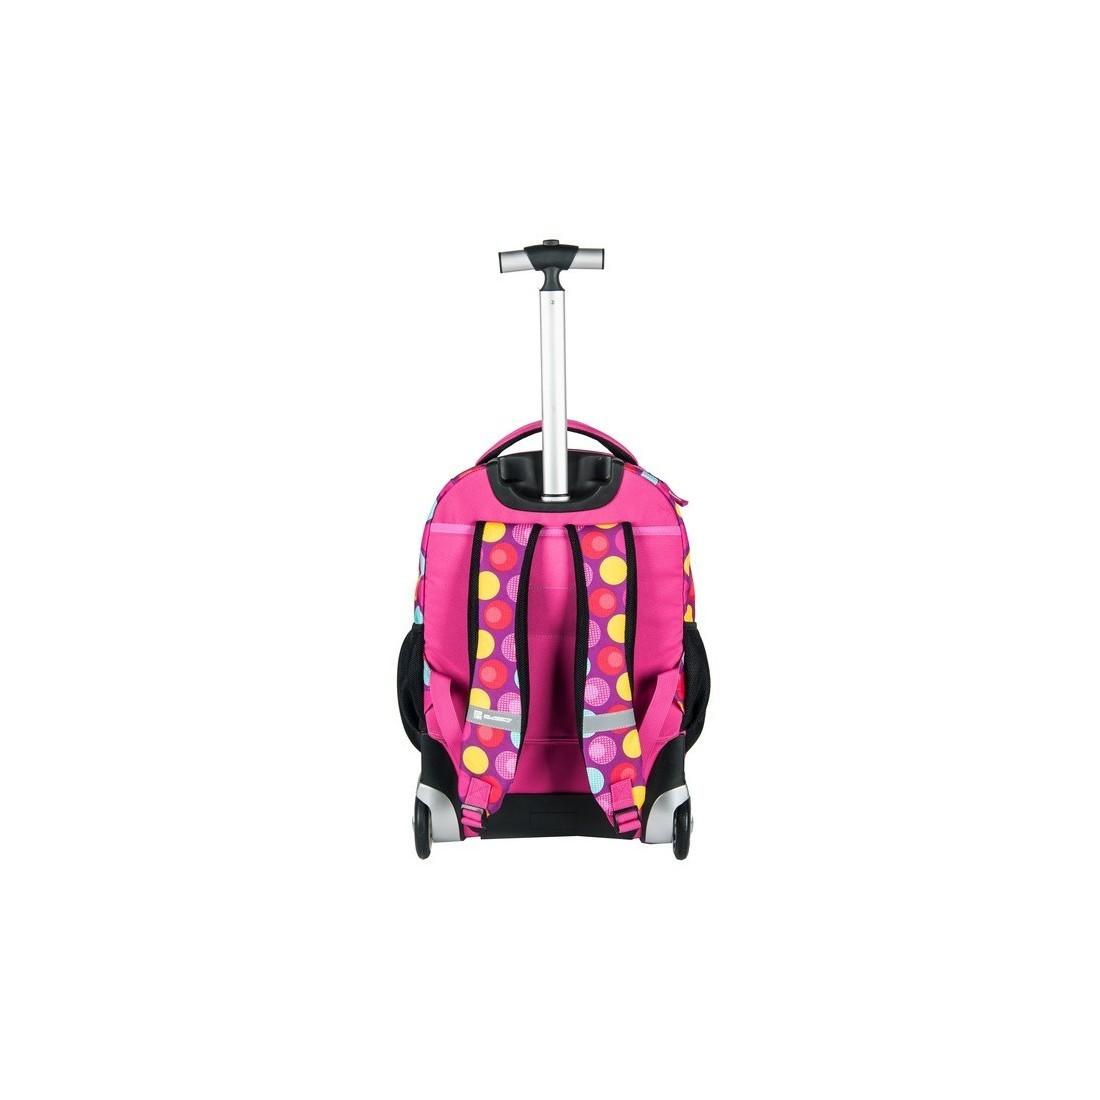 c47684fc2f456 Plecak na kółkach Paso Unique Pink Spot różowy dla dziewczynki ...